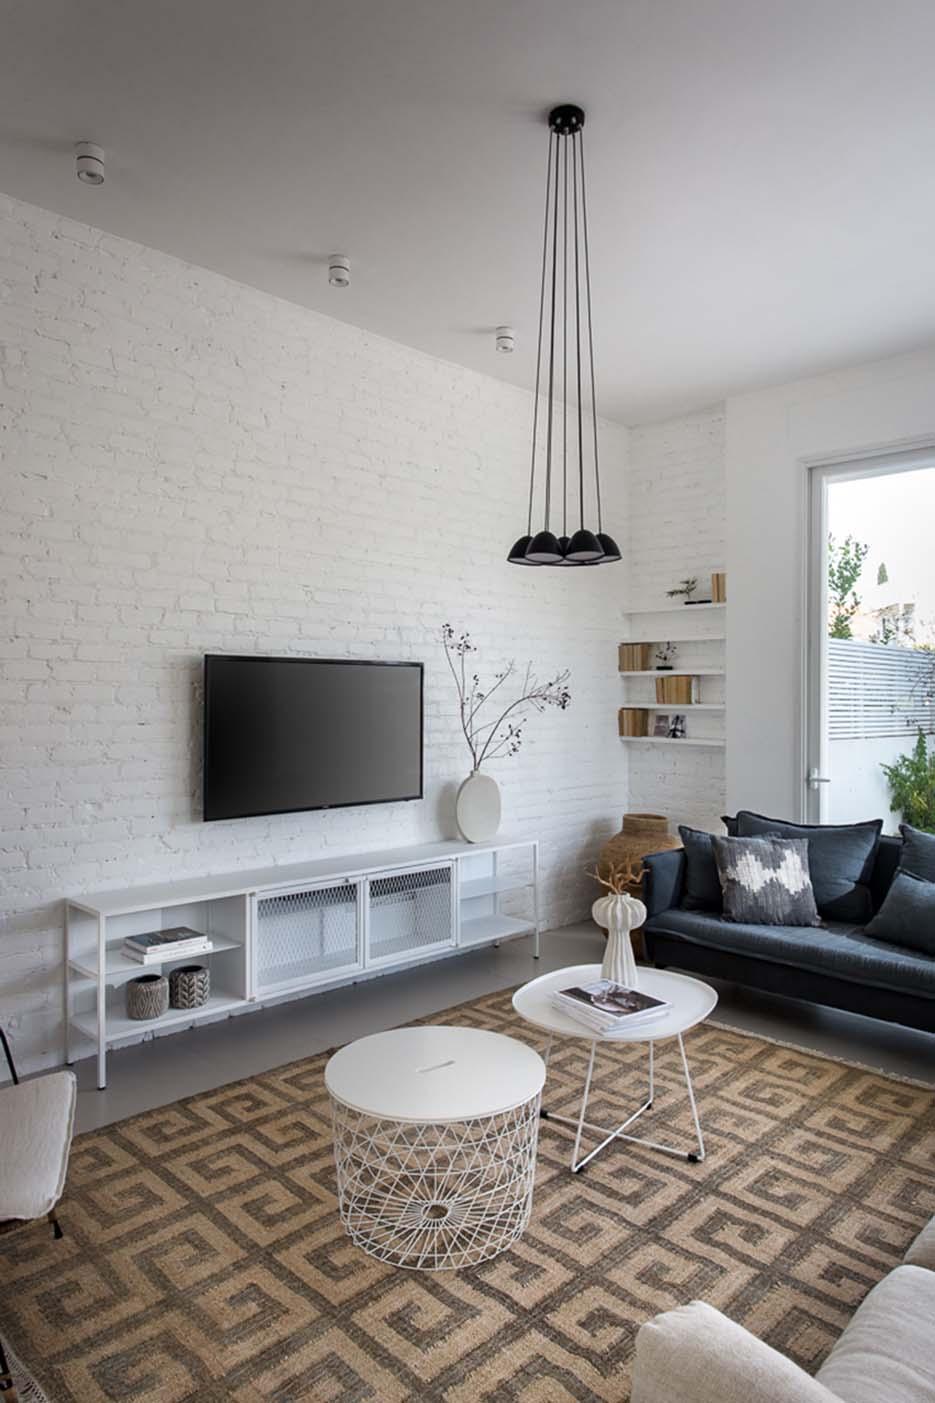 תכנון ועיצוב: נעמי יחזקאל, צילום: צילום וסטיילינג - לינוי ודרור, www.pnim.co.il